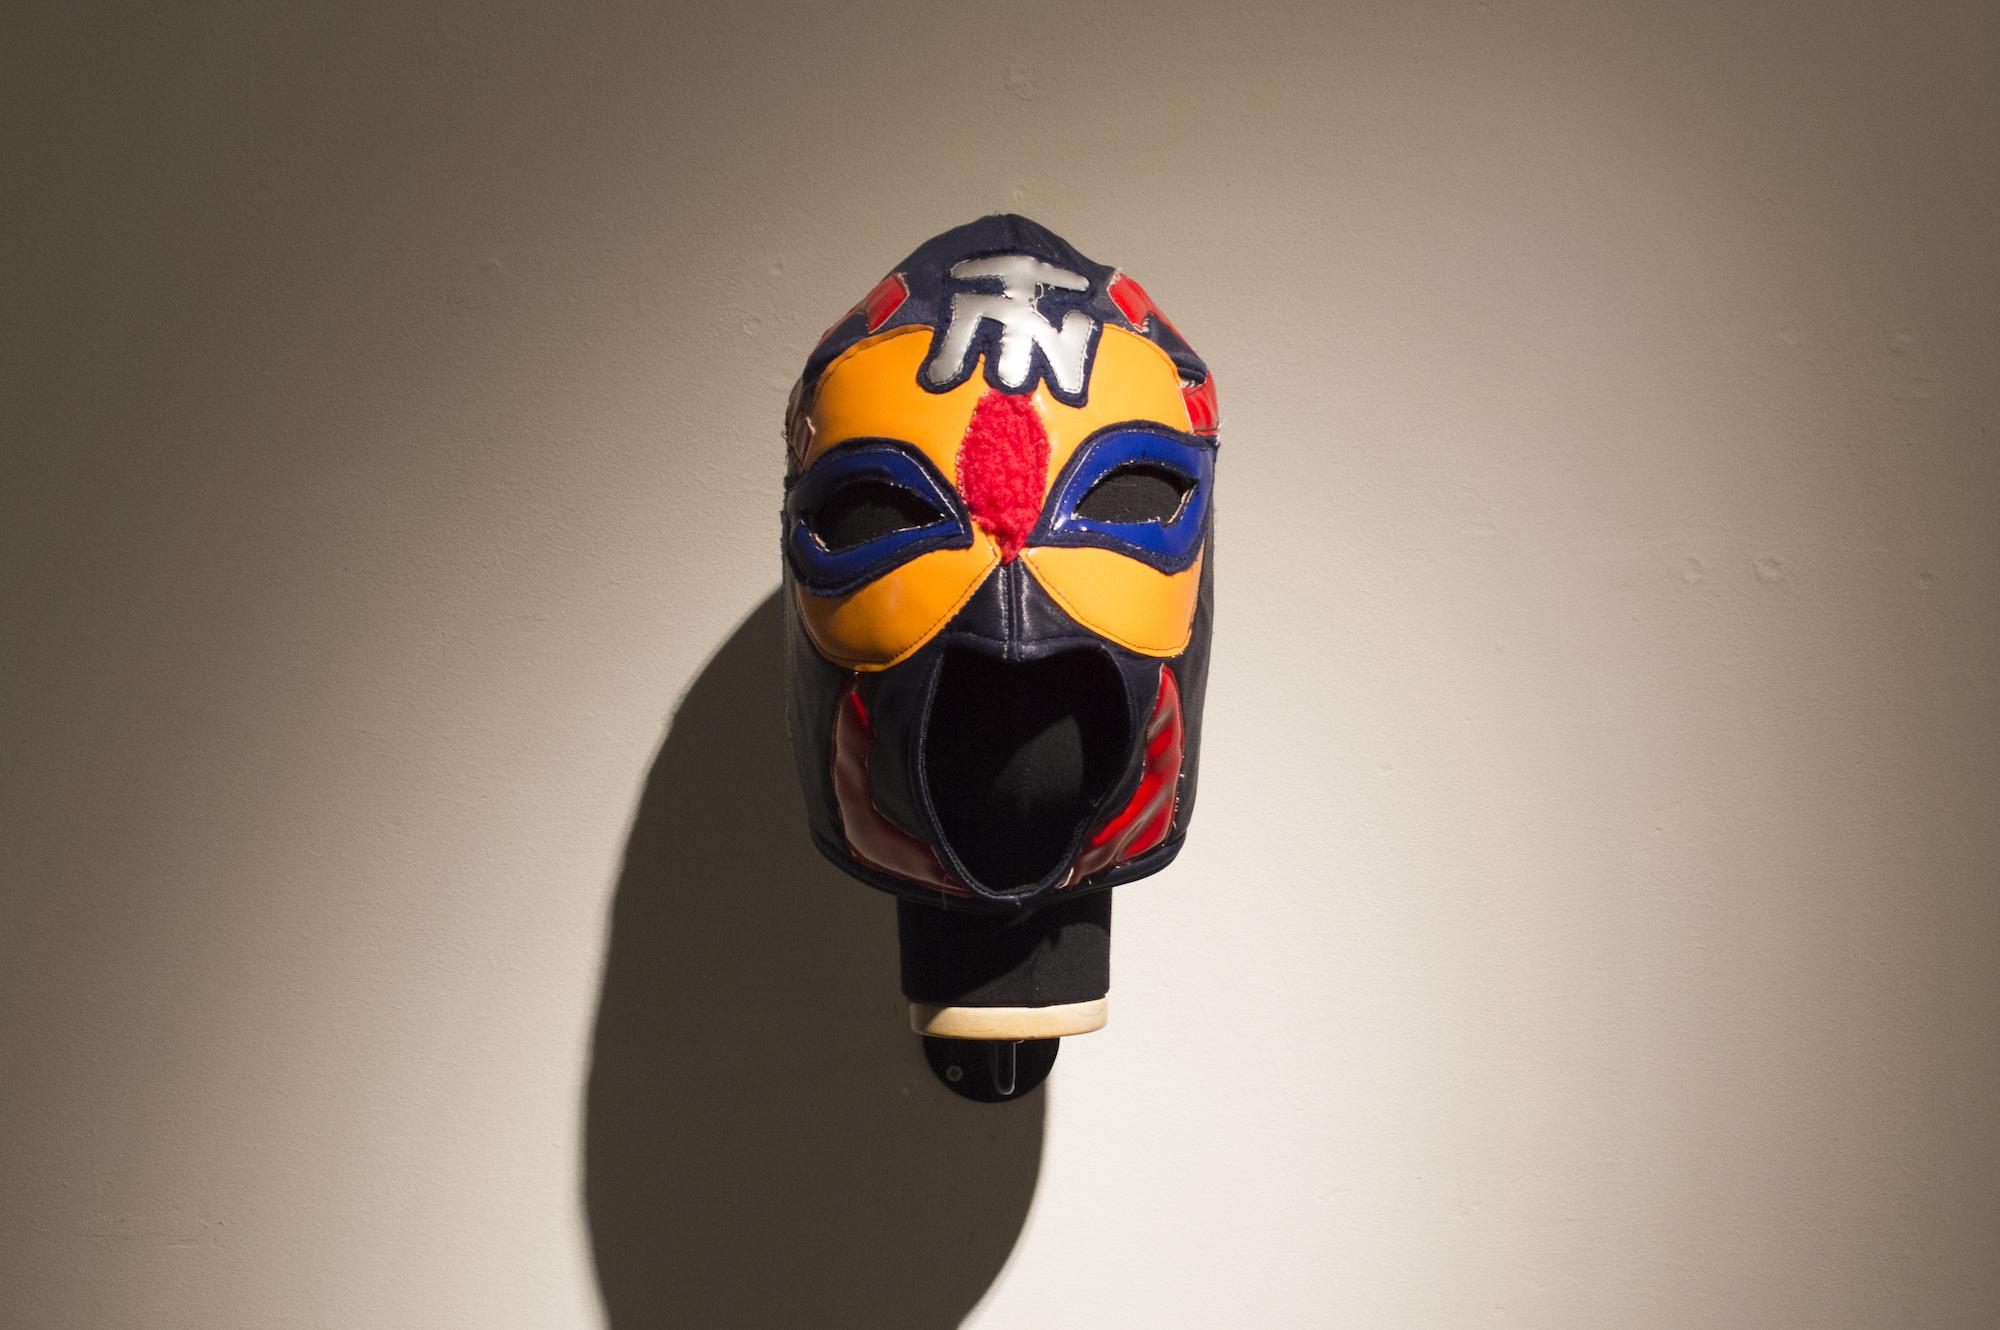 中島晴矢扮する、マスクド・ニュータウンのマスク